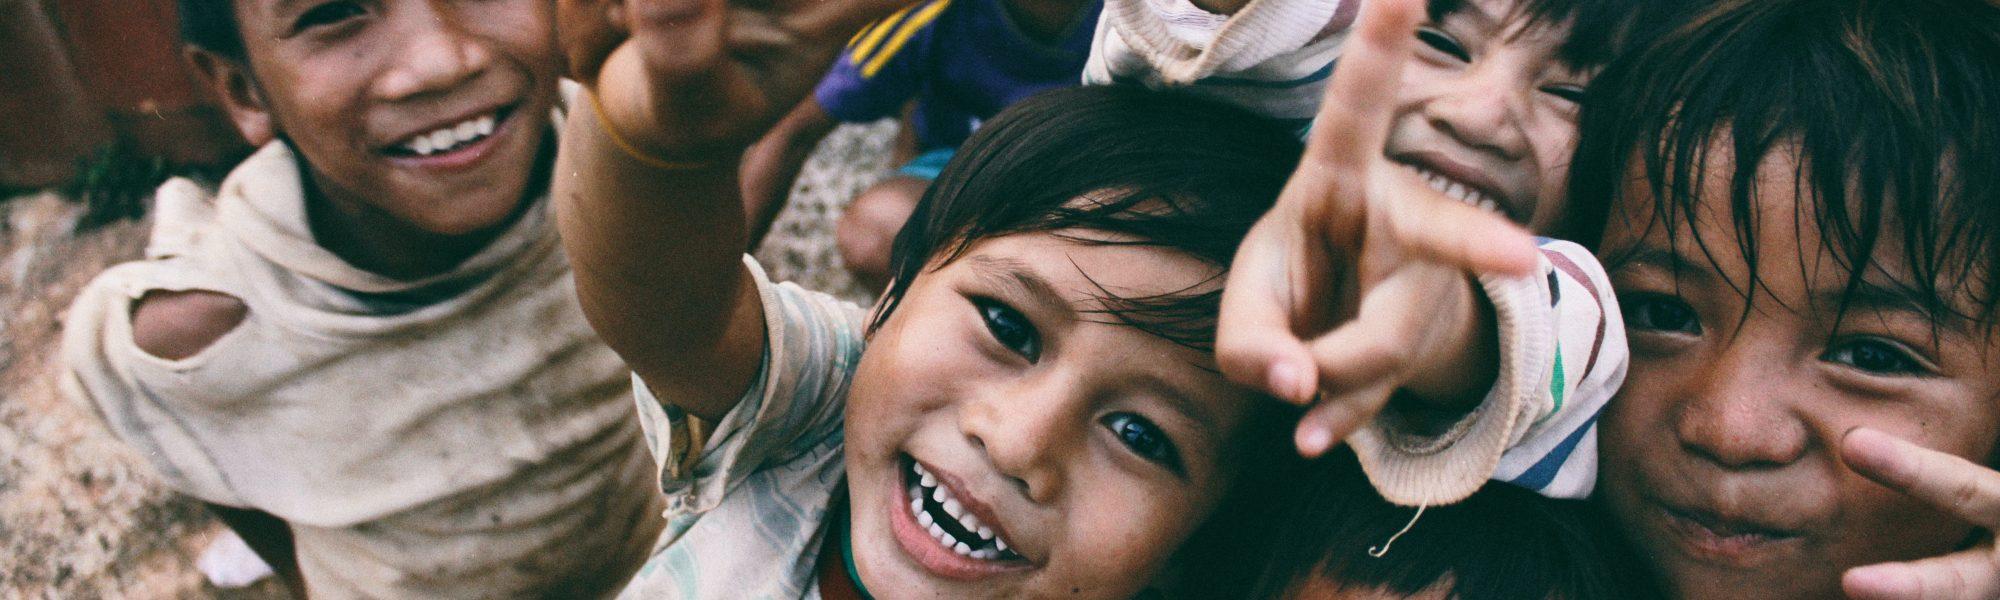 Caritas-Lieferdienst für Armutsbetroffene